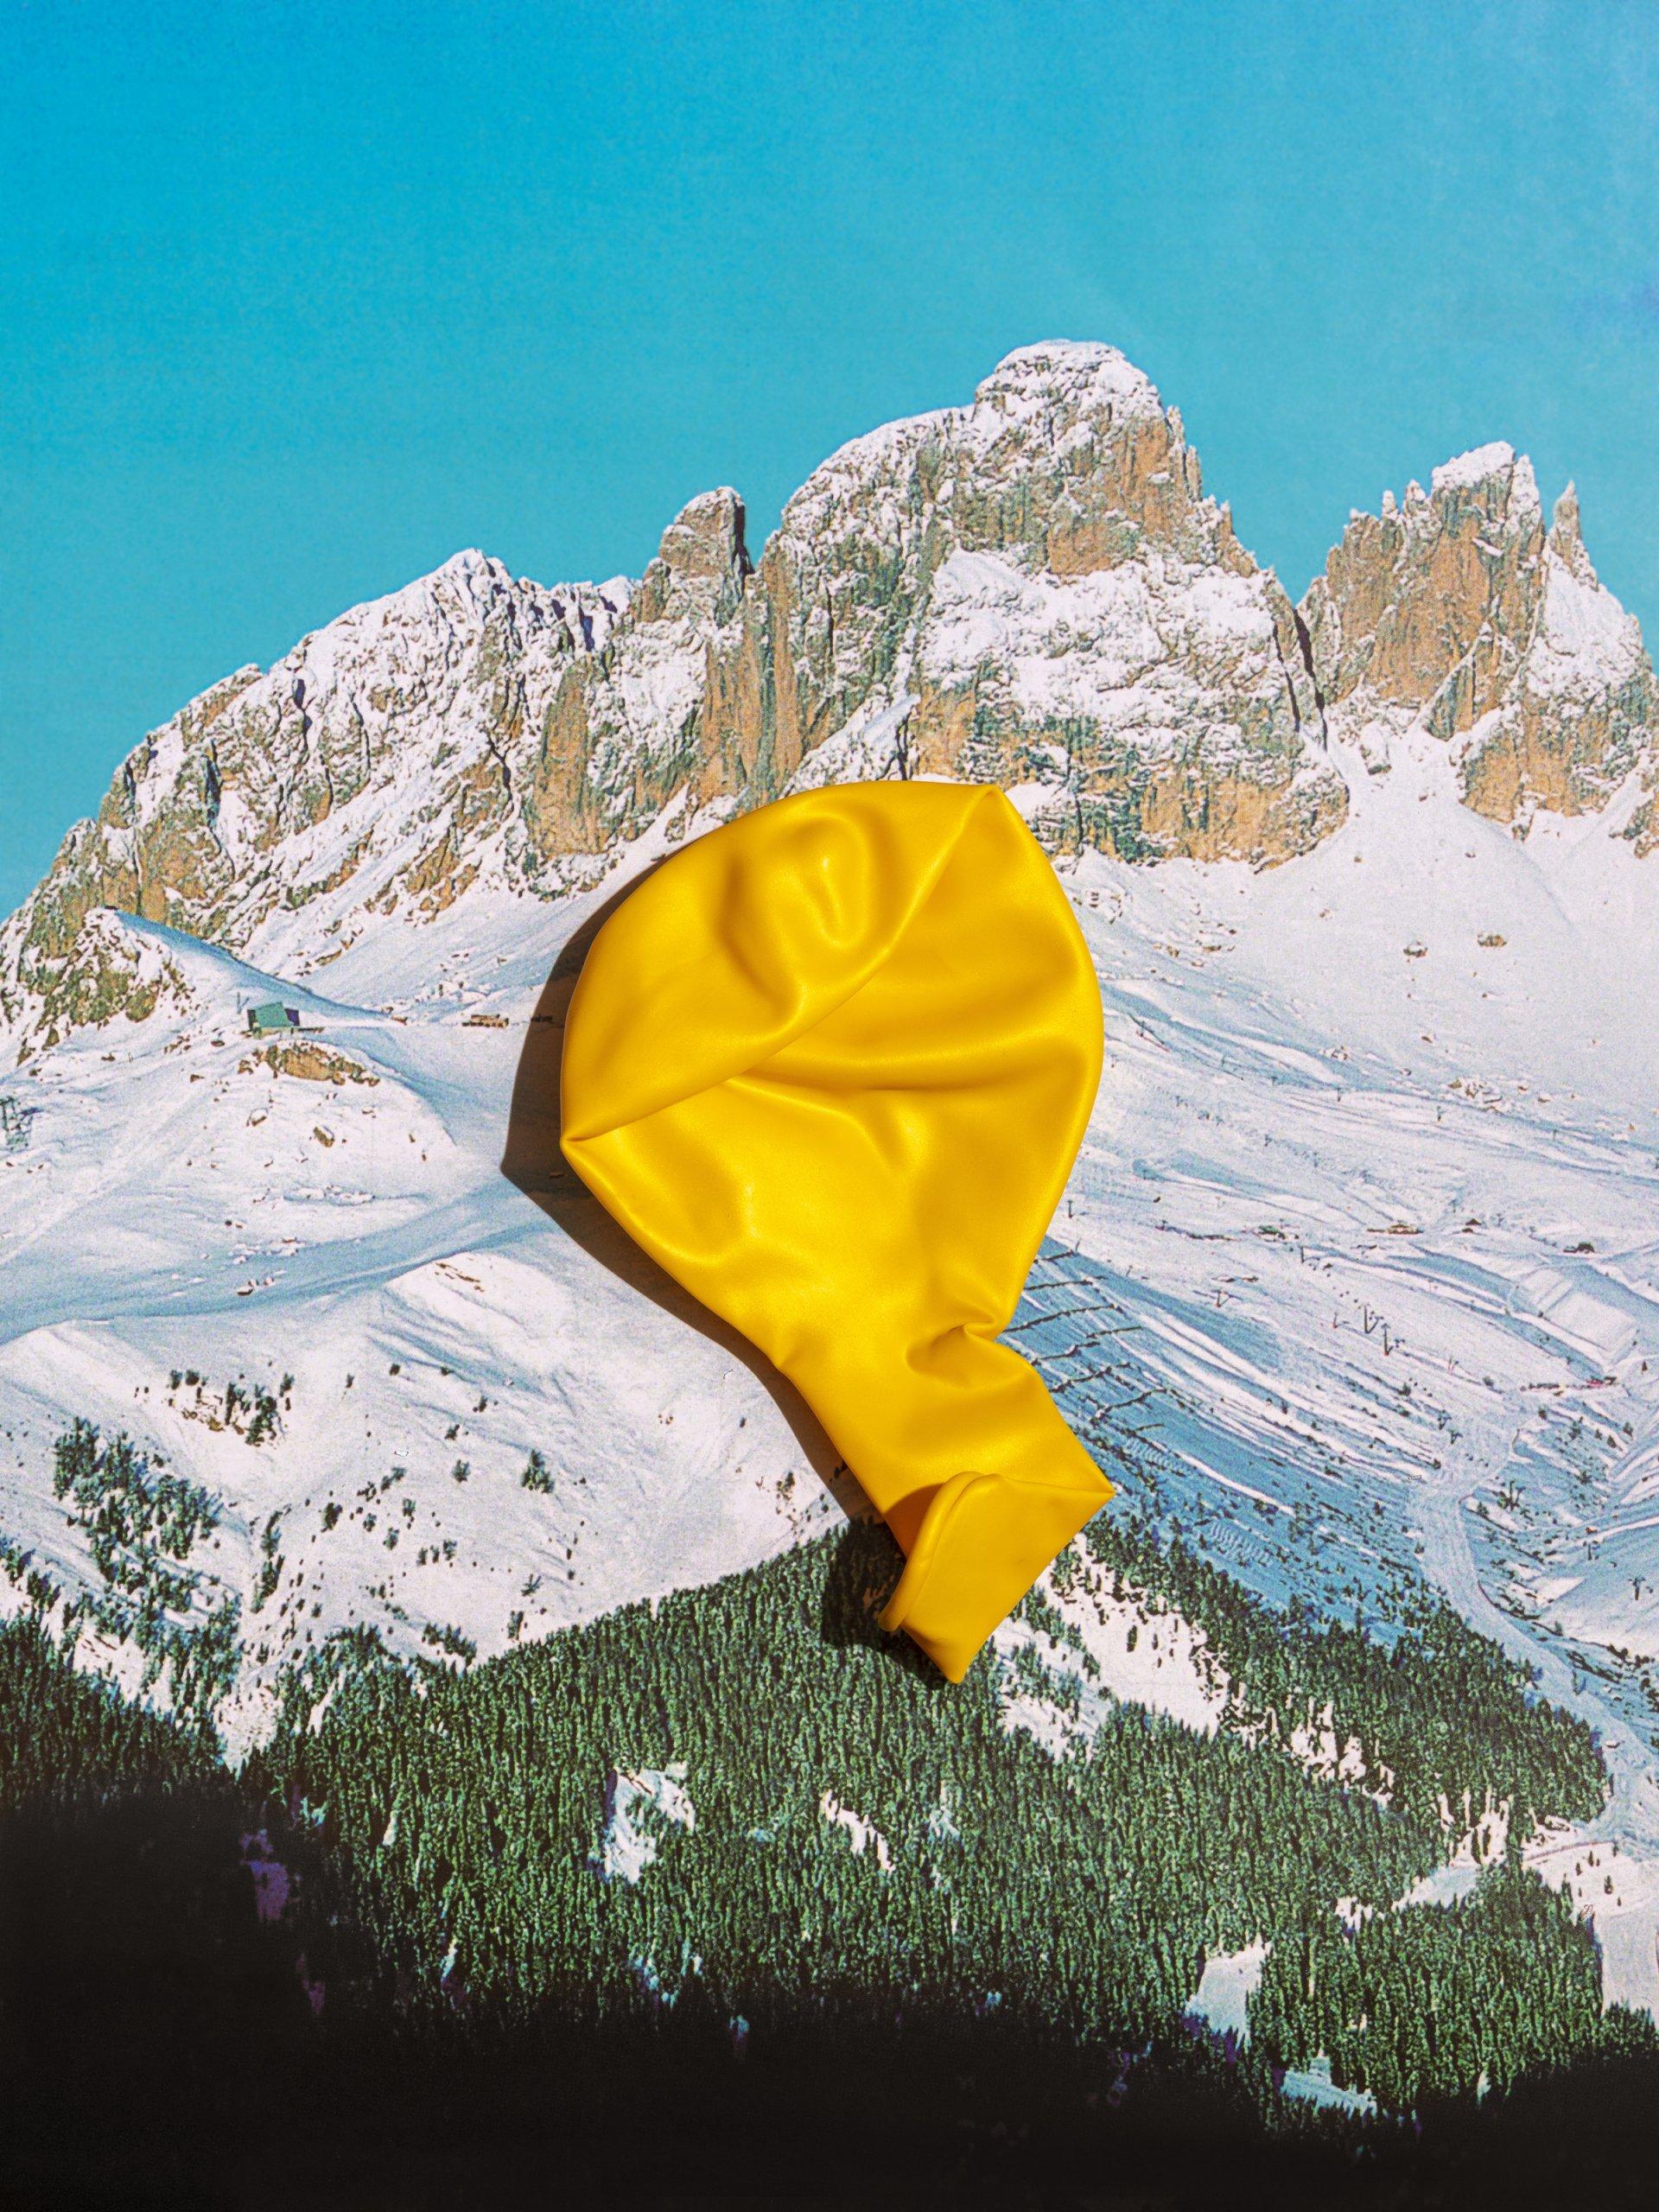 Kyle Jeffers, Balloon, 2020